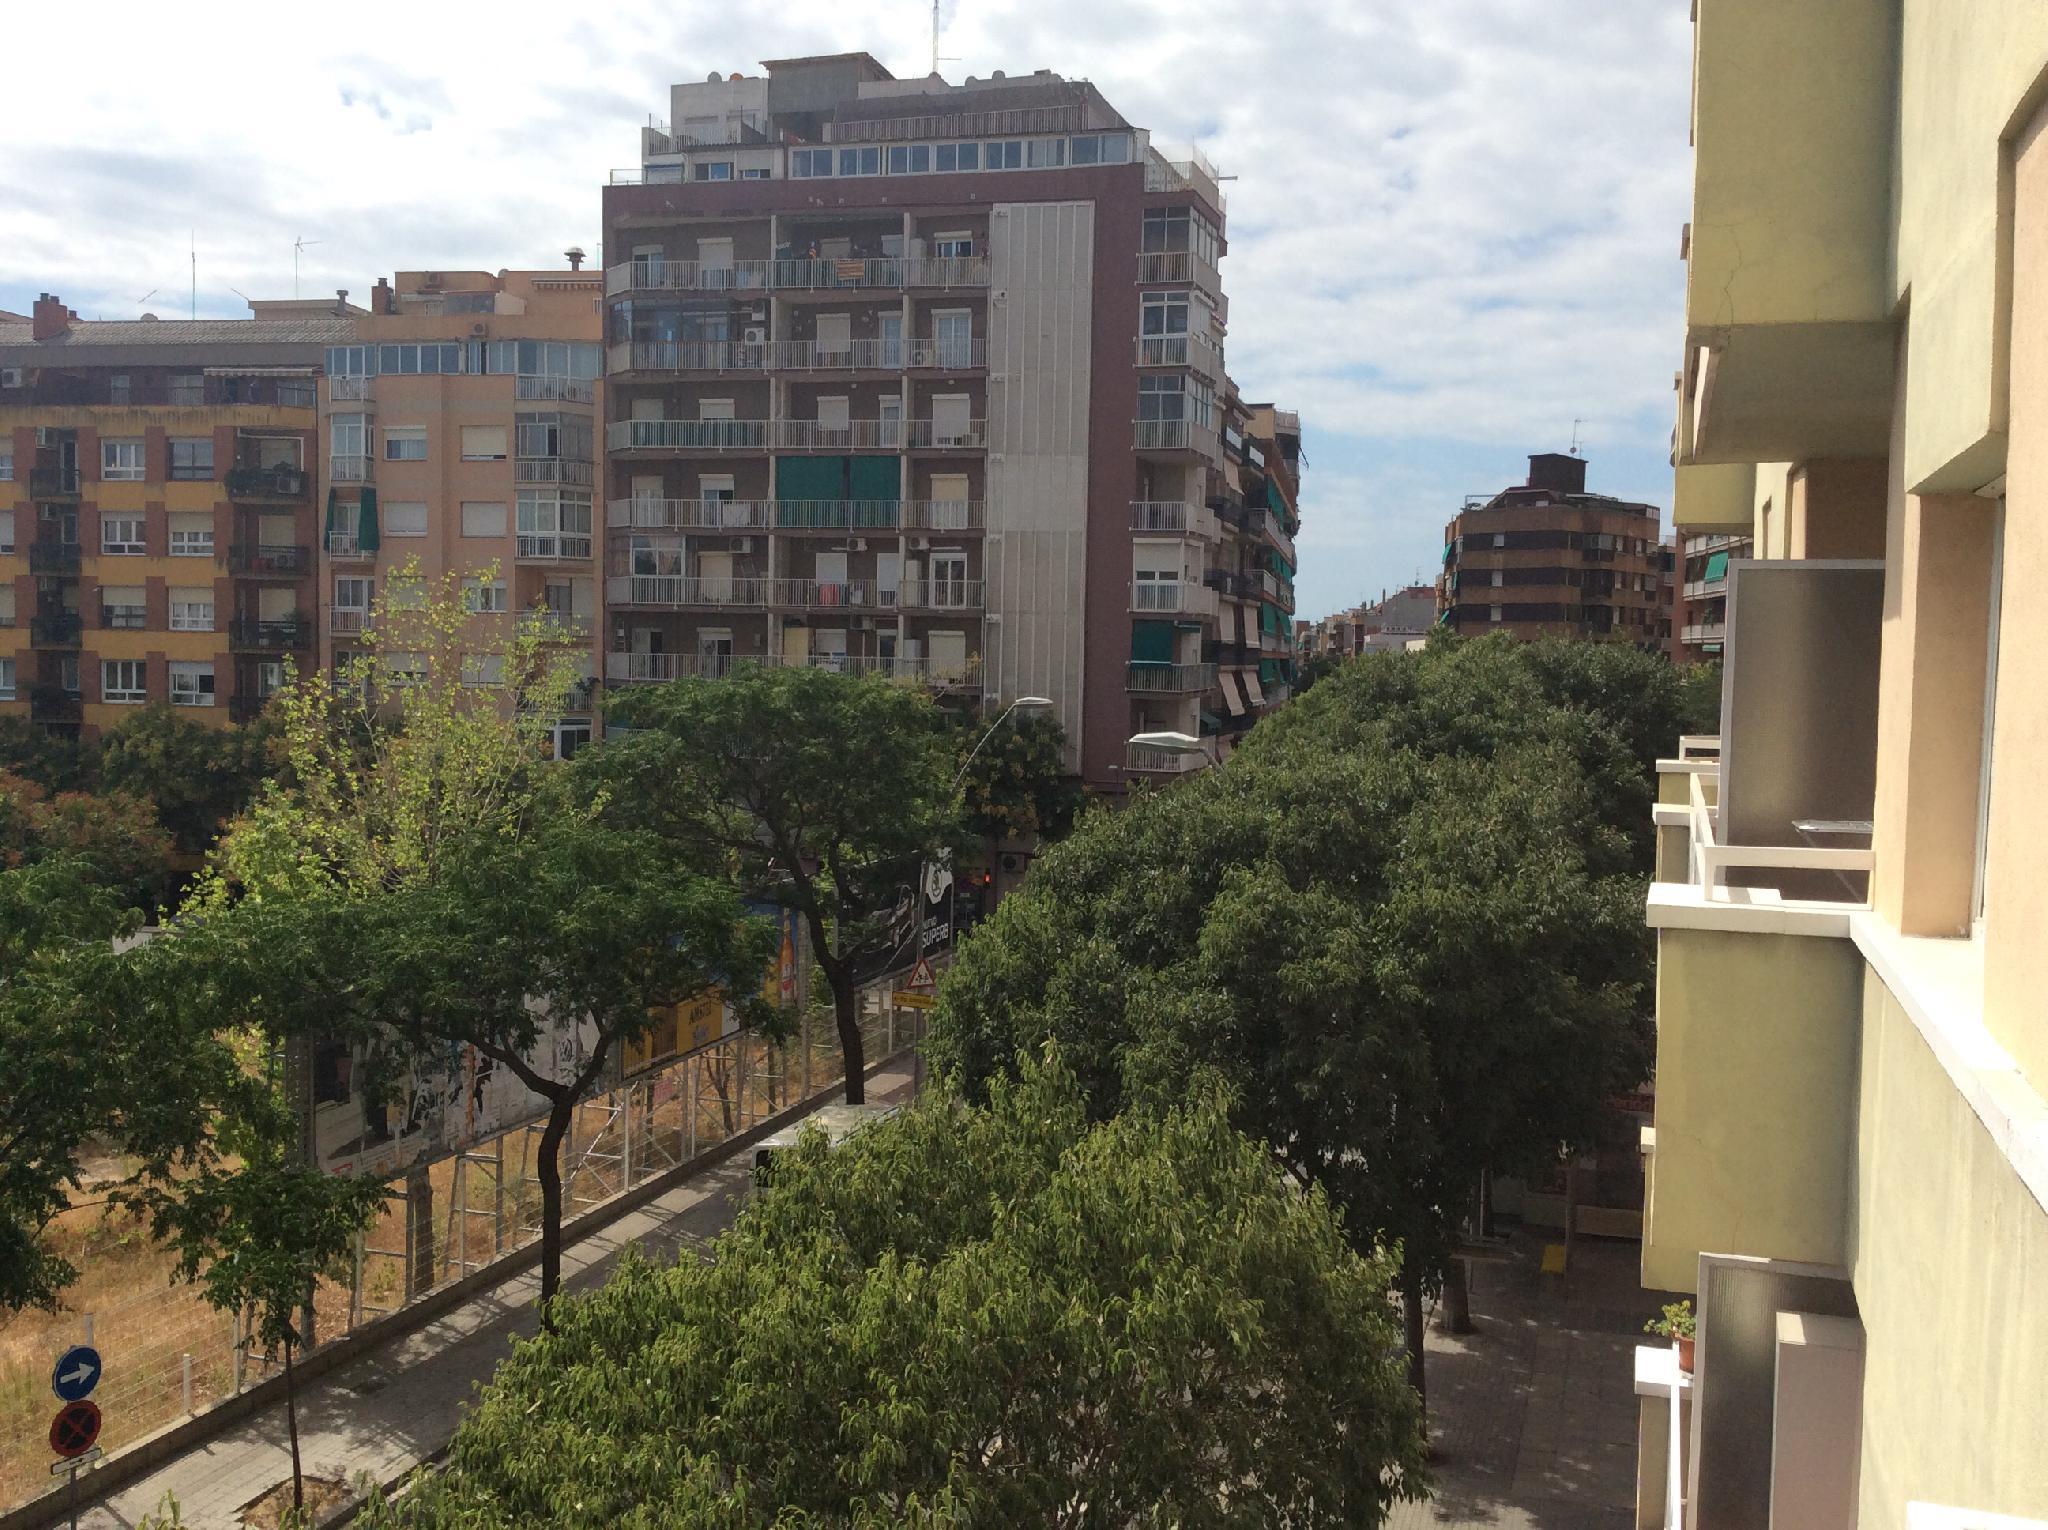 petit-appartement-de-vente-a-junto-plaza-mossen-clapes-sant-andreu-de-palomar-a-barcelona-209905859